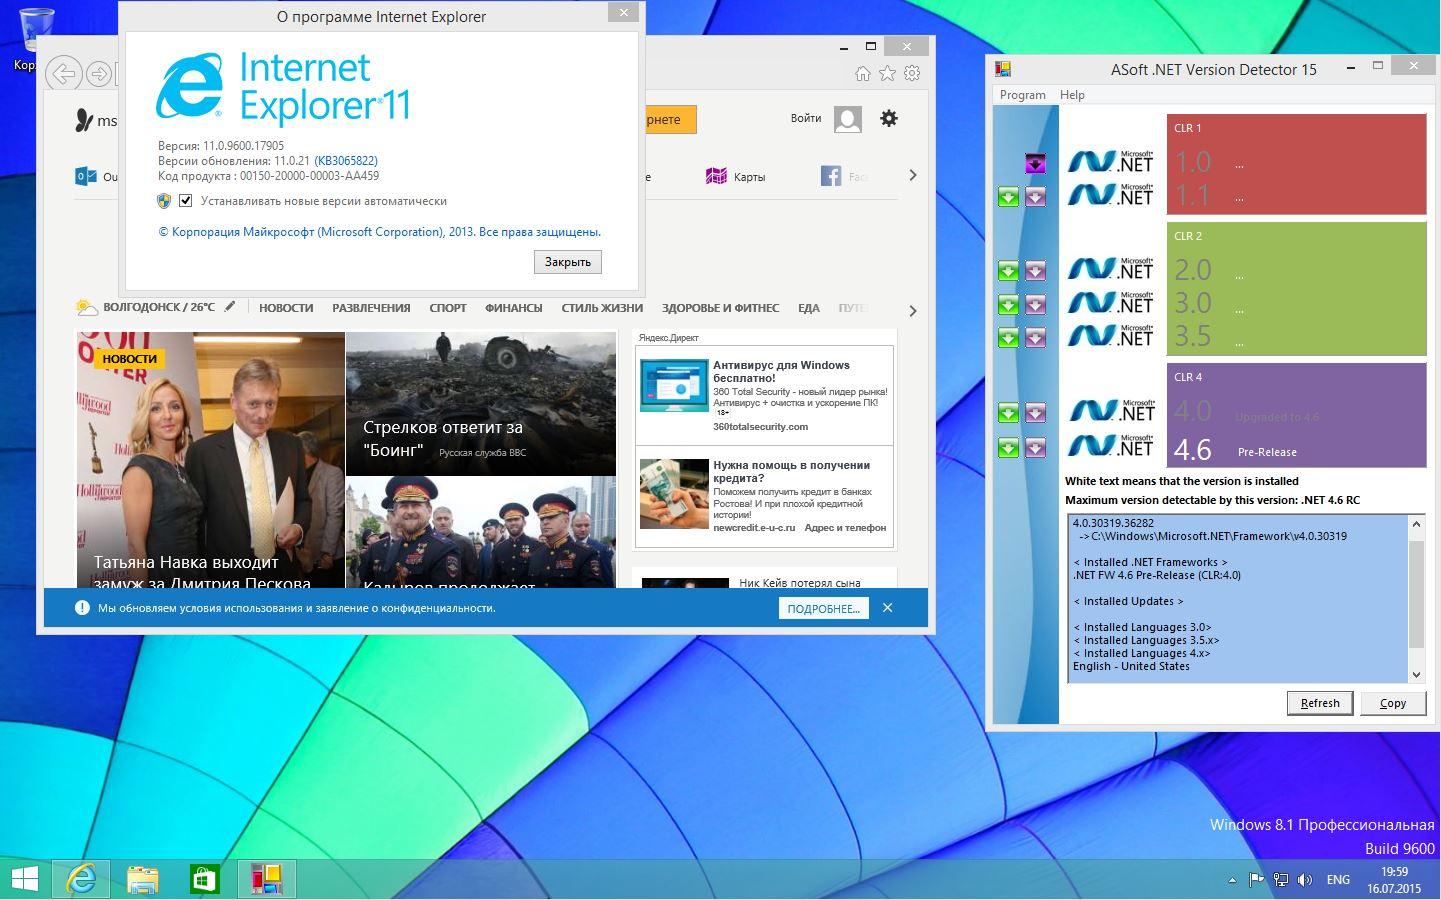 скачать программы для виндовс 8.1 бесплатно